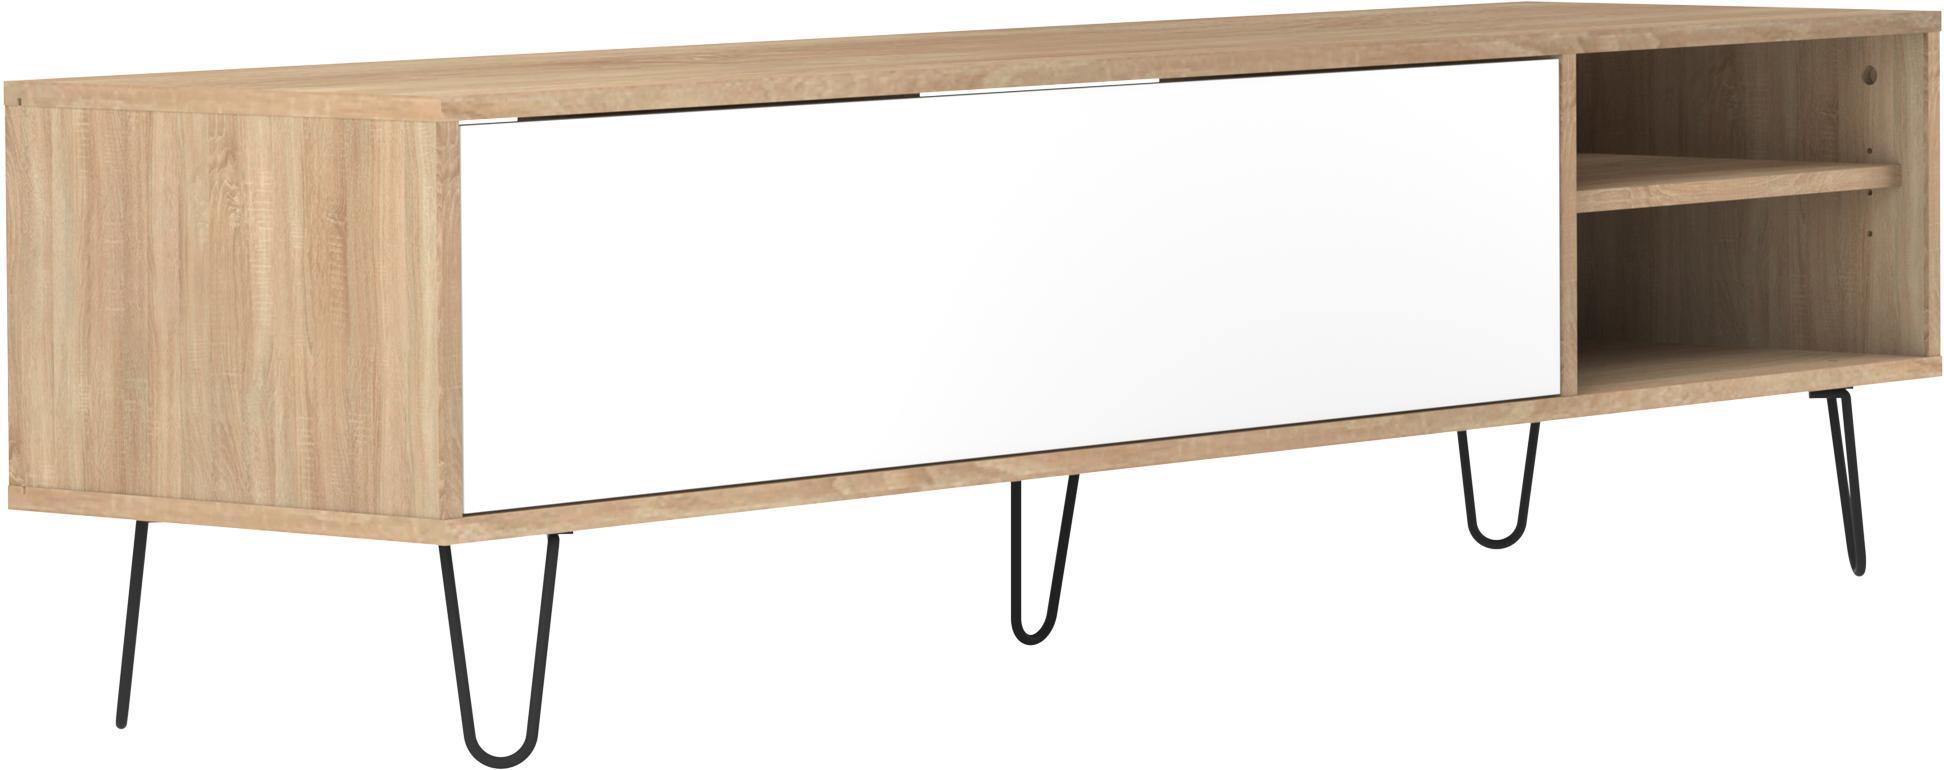 TV-Lowboard Aero mit Klapptür, Korpus: Spanplatte, melaminbeschi, Füße: Metall, lackiert, Eichenholz, Weiß, 165 x 44 cm